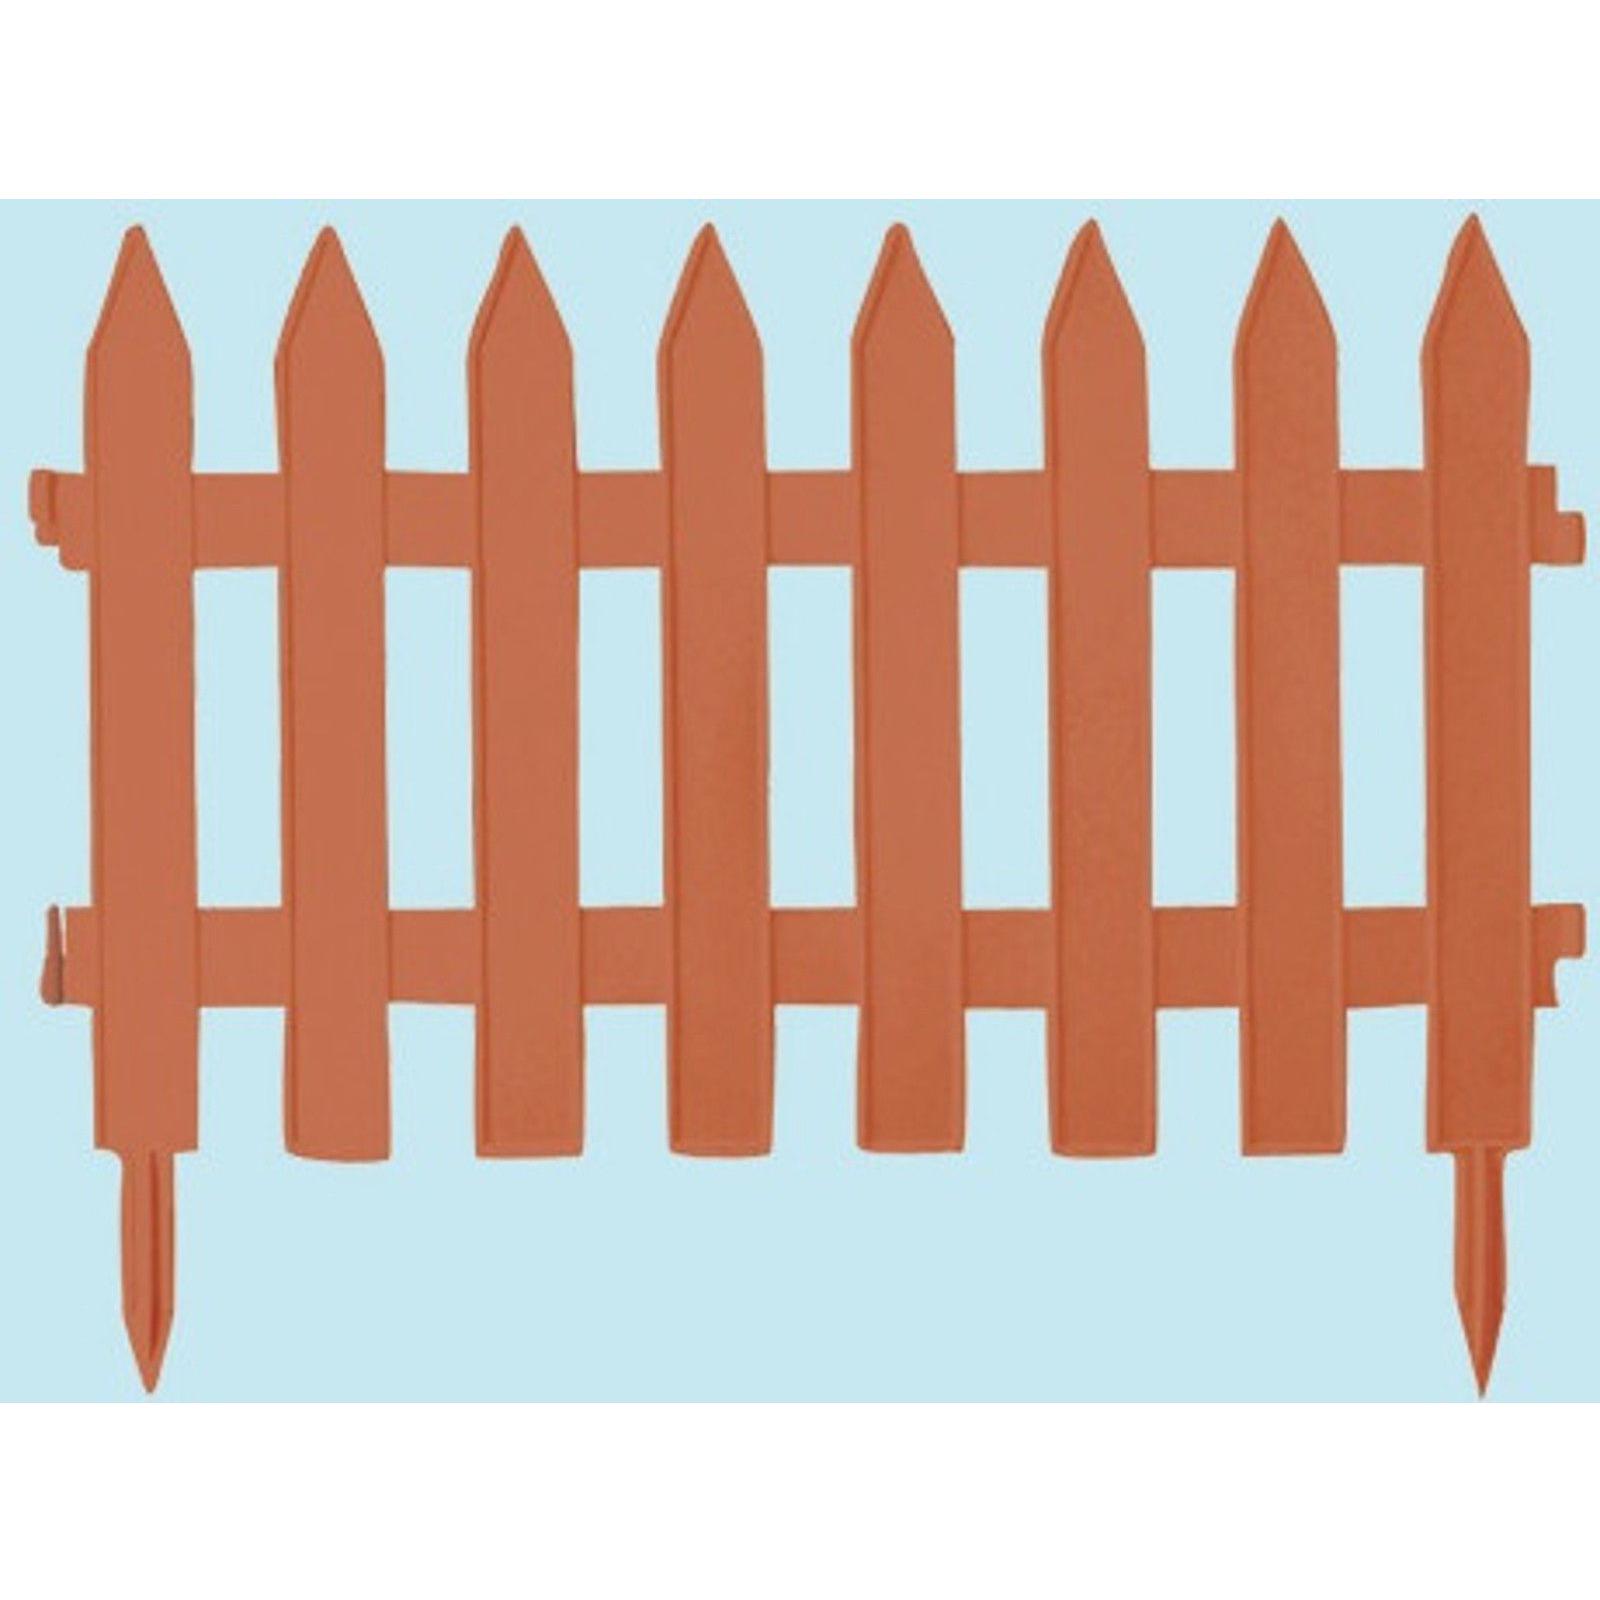 Staccionata steccato bordure recinzione in resina Garden Classic 7 pezzi 320 cm